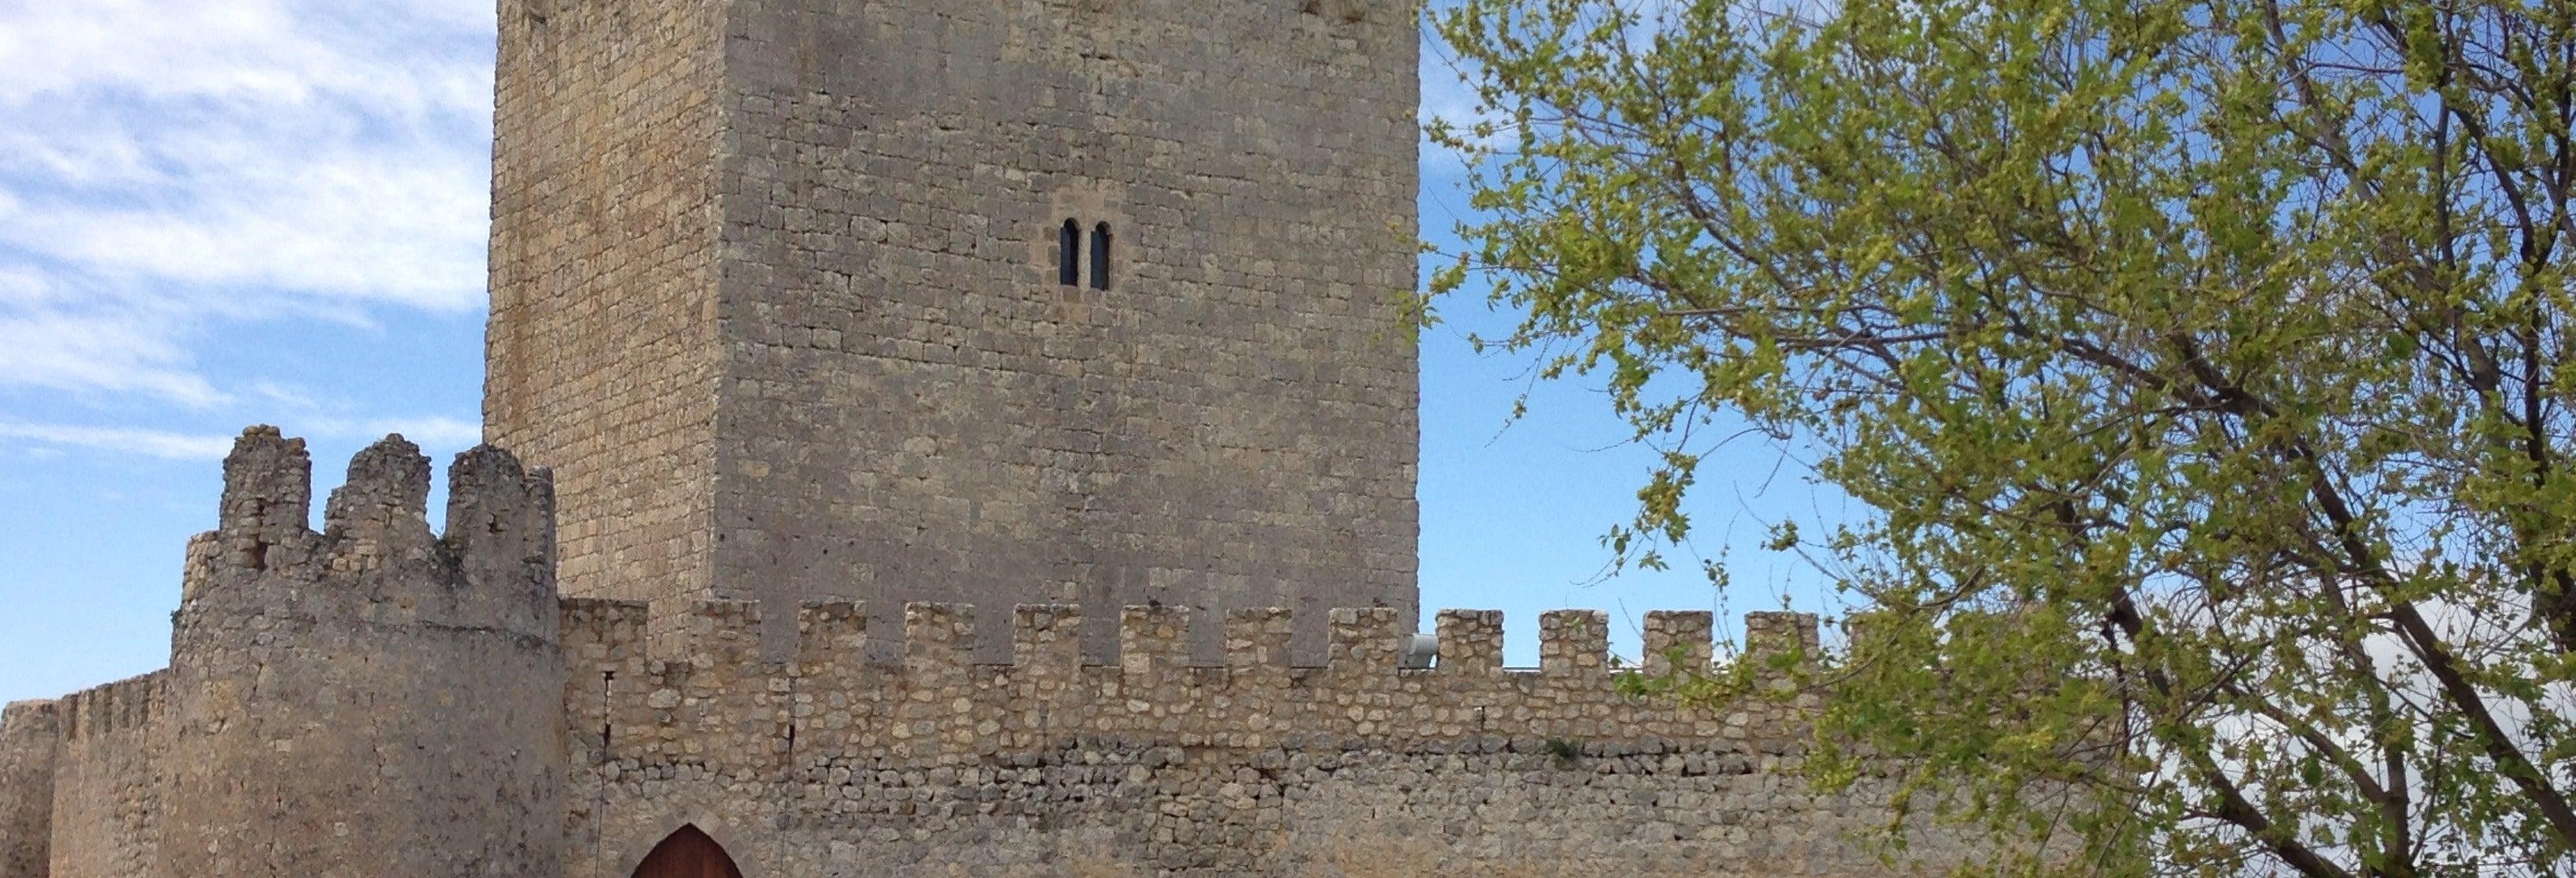 Entrada al castillo de Tiedra